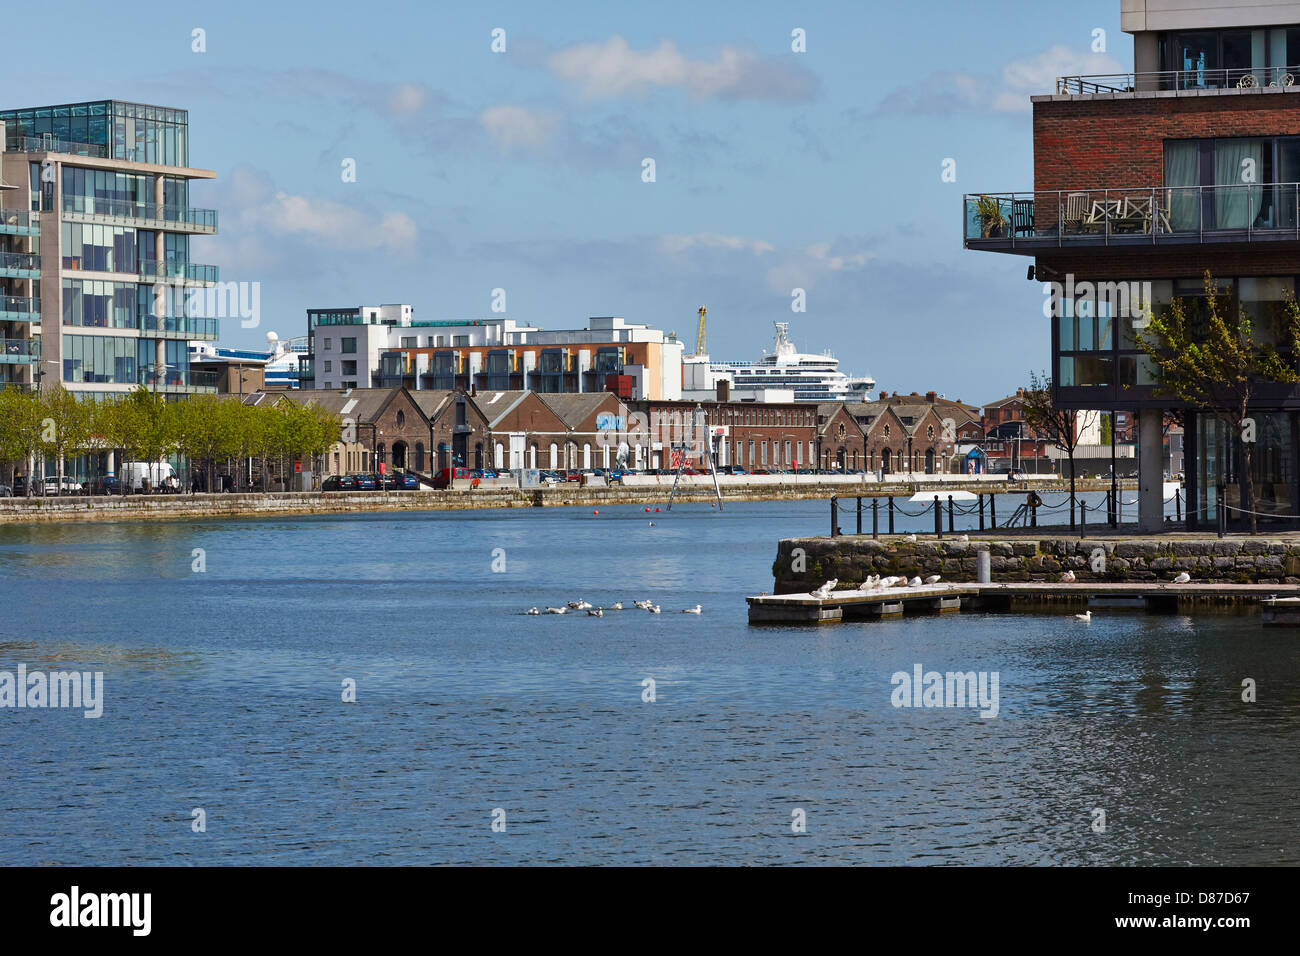 Grand Canal Dock, Dublin docklands. Cette région fait partie du projet de développement des Docklands. Photo Stock